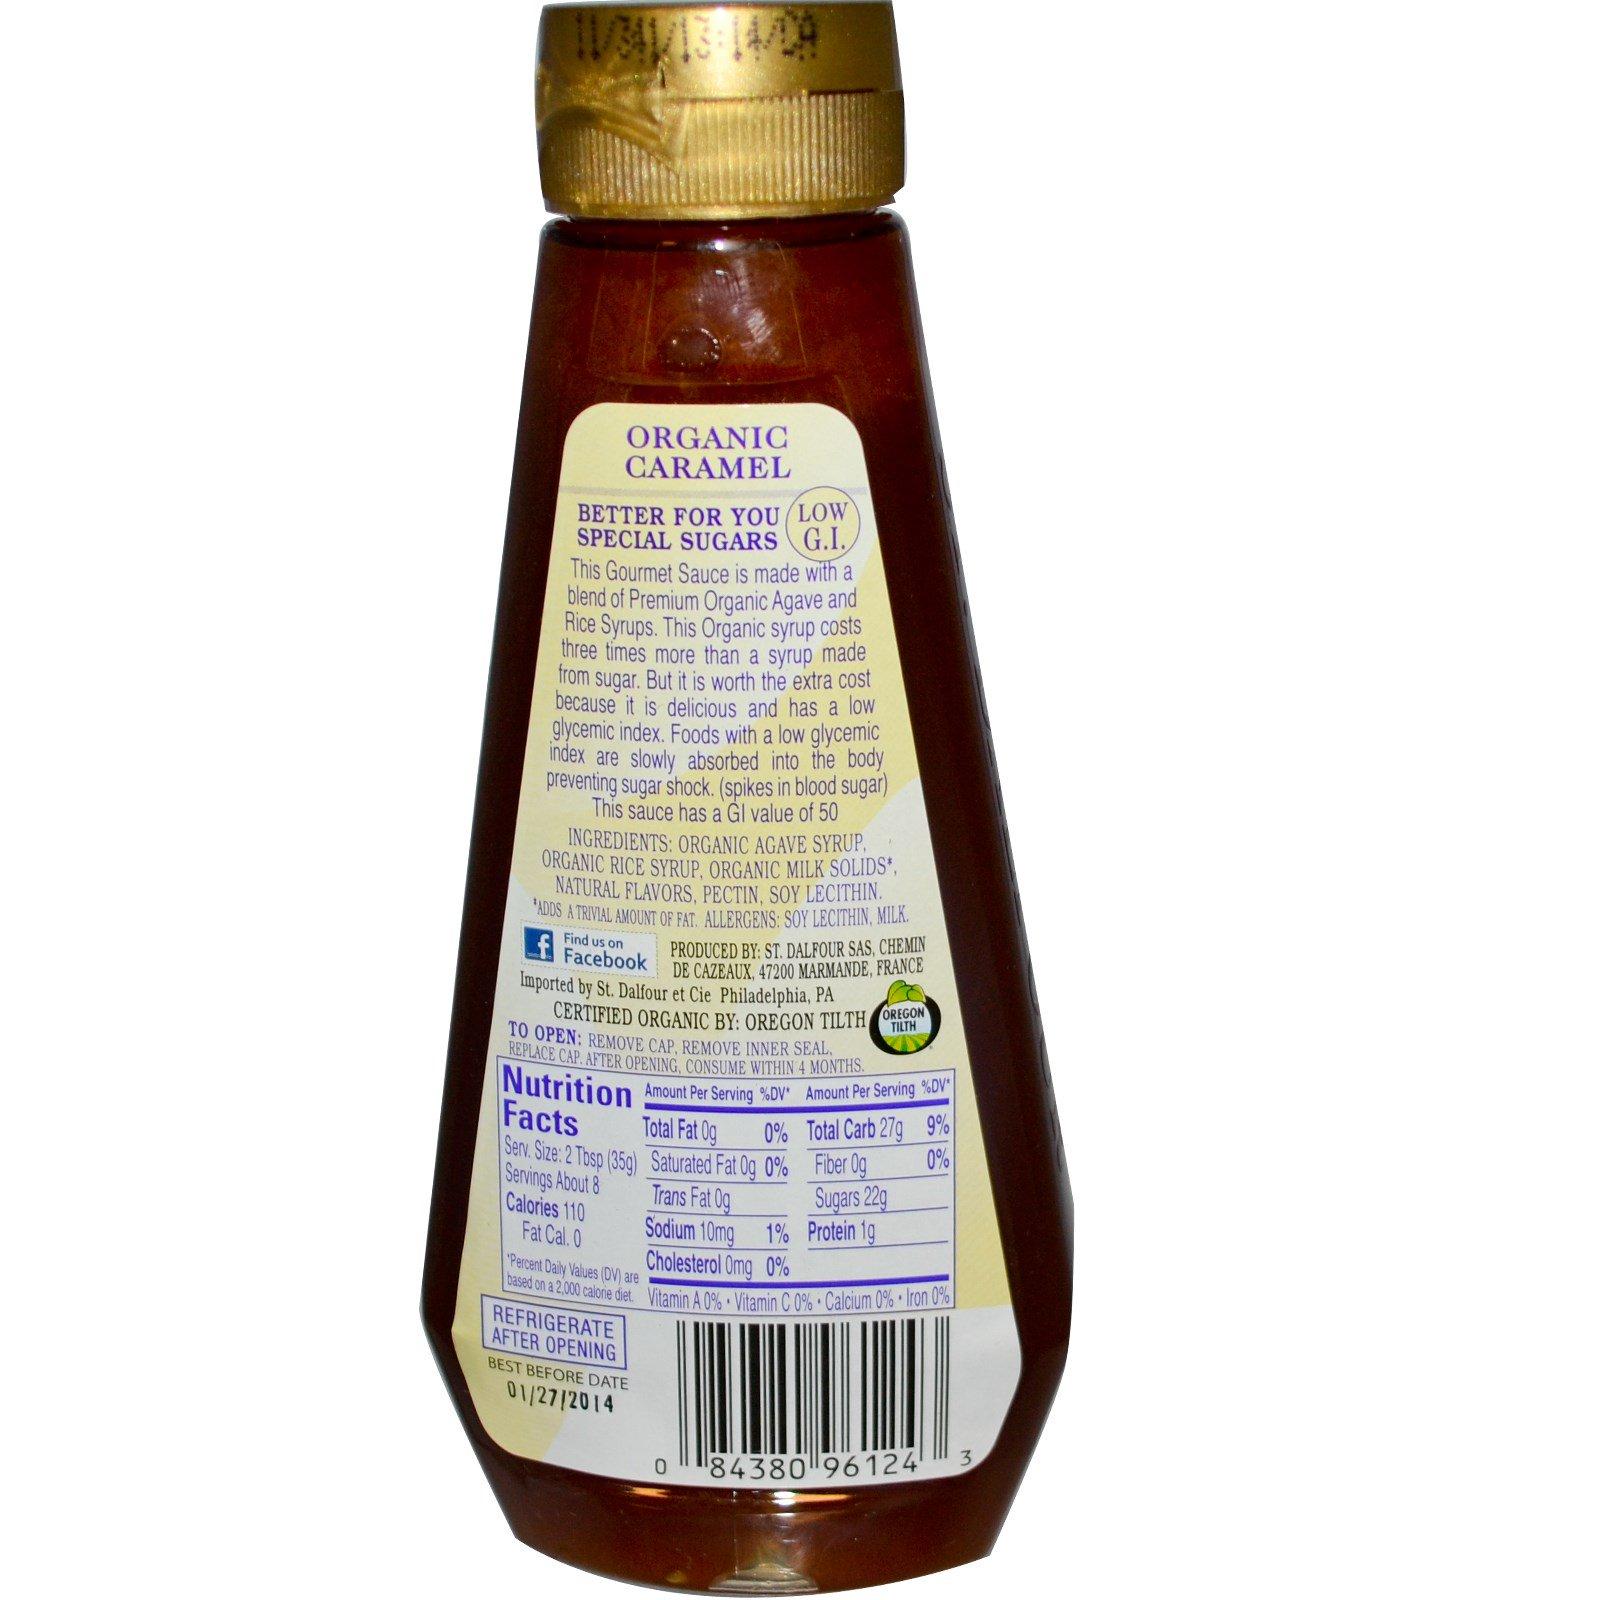 Caramel sauce brands